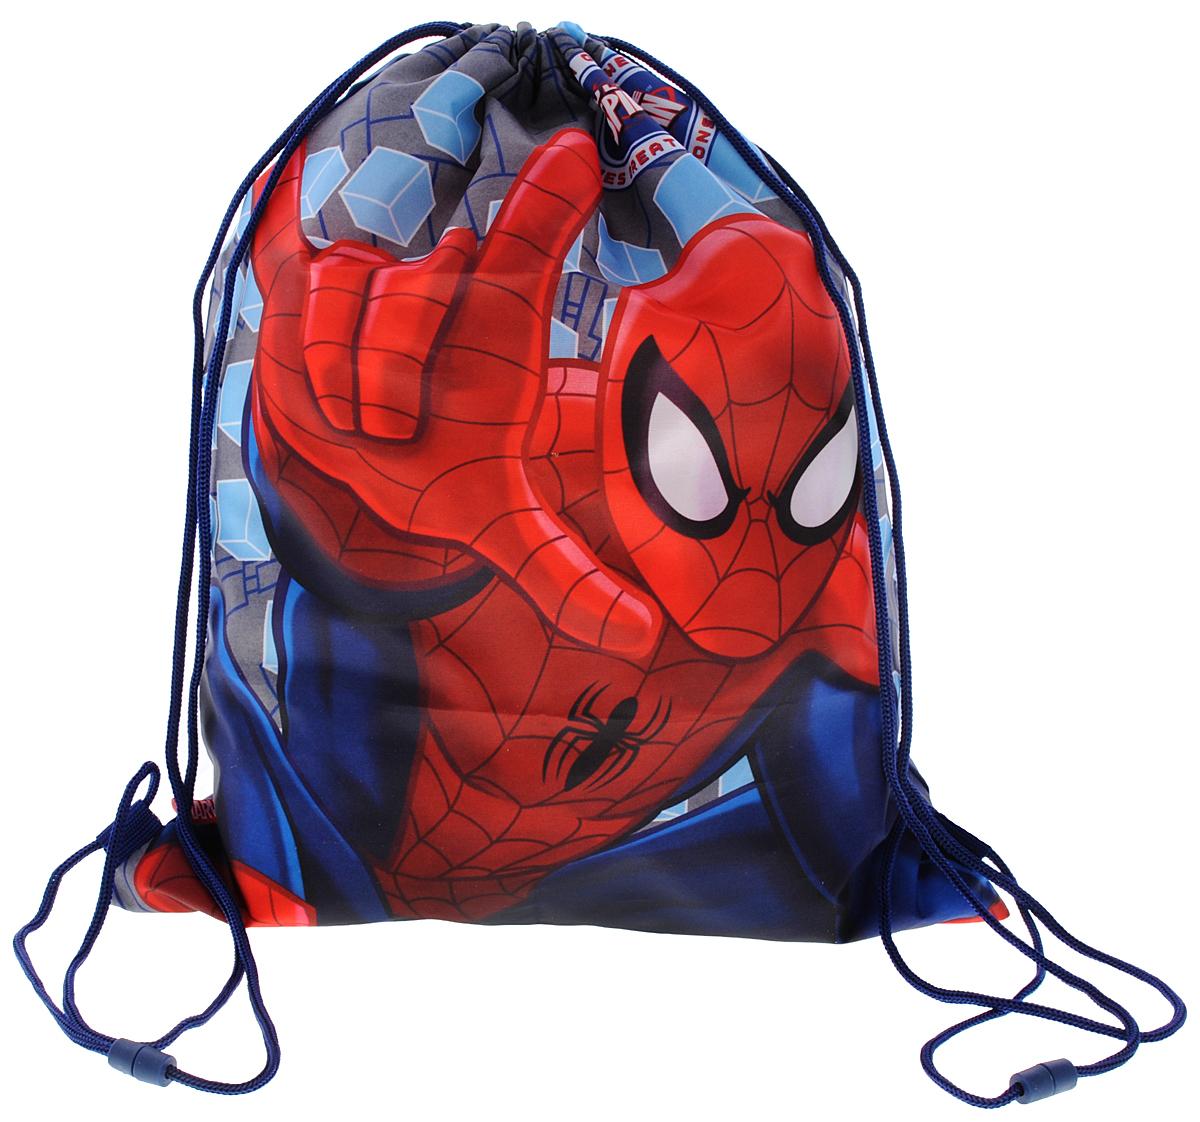 Spider-Man Мешок для обувиSMBB-UT2-883Мешок для обуви Spider-Man идеально подойдет как для хранения, так и для переноски сменной обуви и одежды. Сумка выполнена из прочного полиэстера и содержит одно вместительное отделение, затягивающееся с помощью текстильных шнурков. Шнурки фиксируются в нижней части сумки, благодаря чему ее можно носить за спиной как рюкзак. Оформлено изделие изображением Человека-паука. Ваш ребенок с радостью будет ходить с таким аксессуаром в школу!